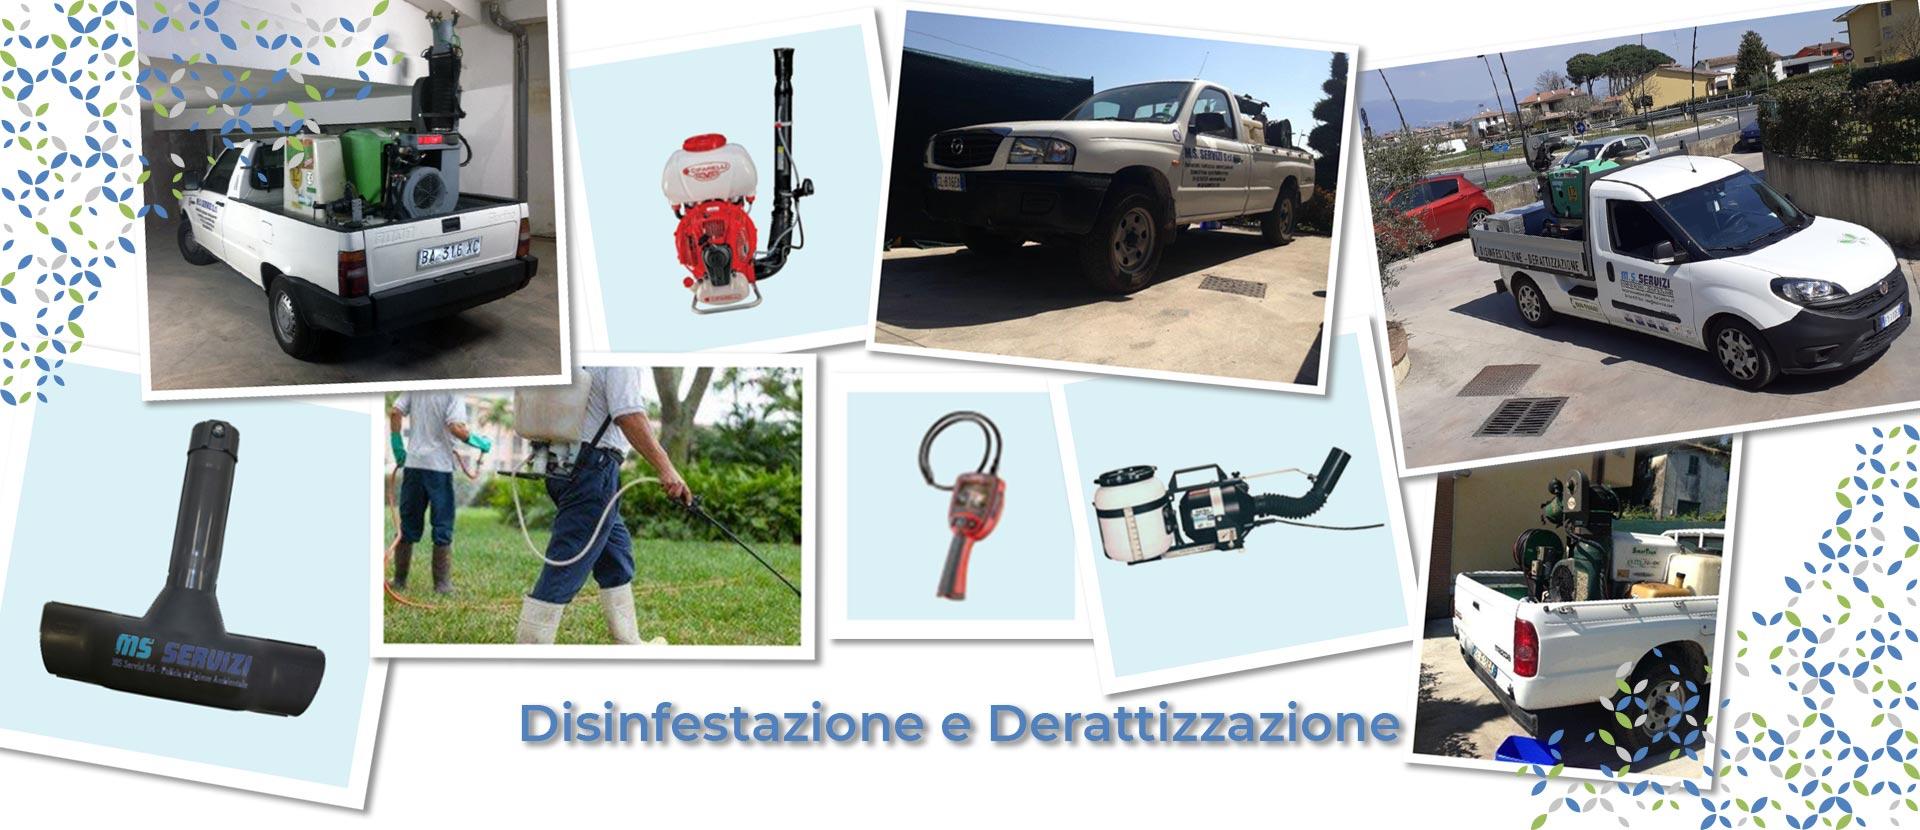 Disinfestazione-Derattizzazione